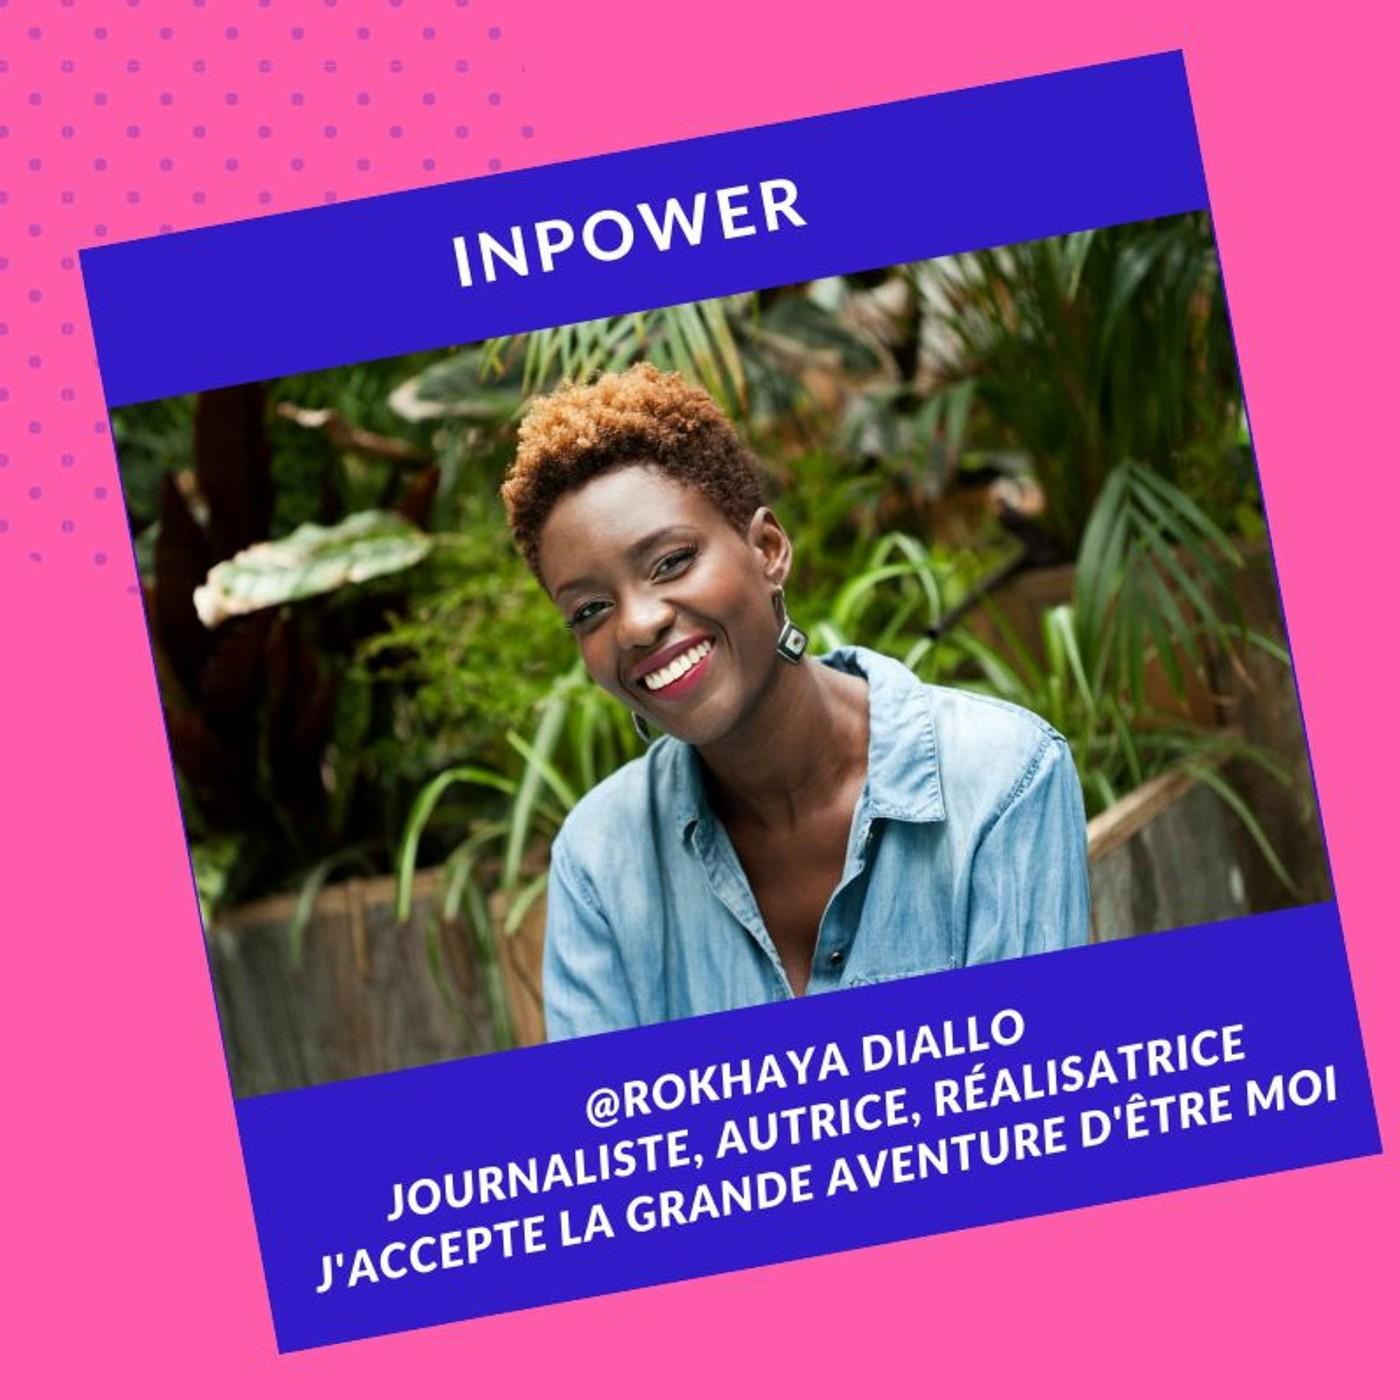 Rokhaya Diallo - Journaliste, Autrice, Réalisatrice - J'accepte la grande aventure d'être moi